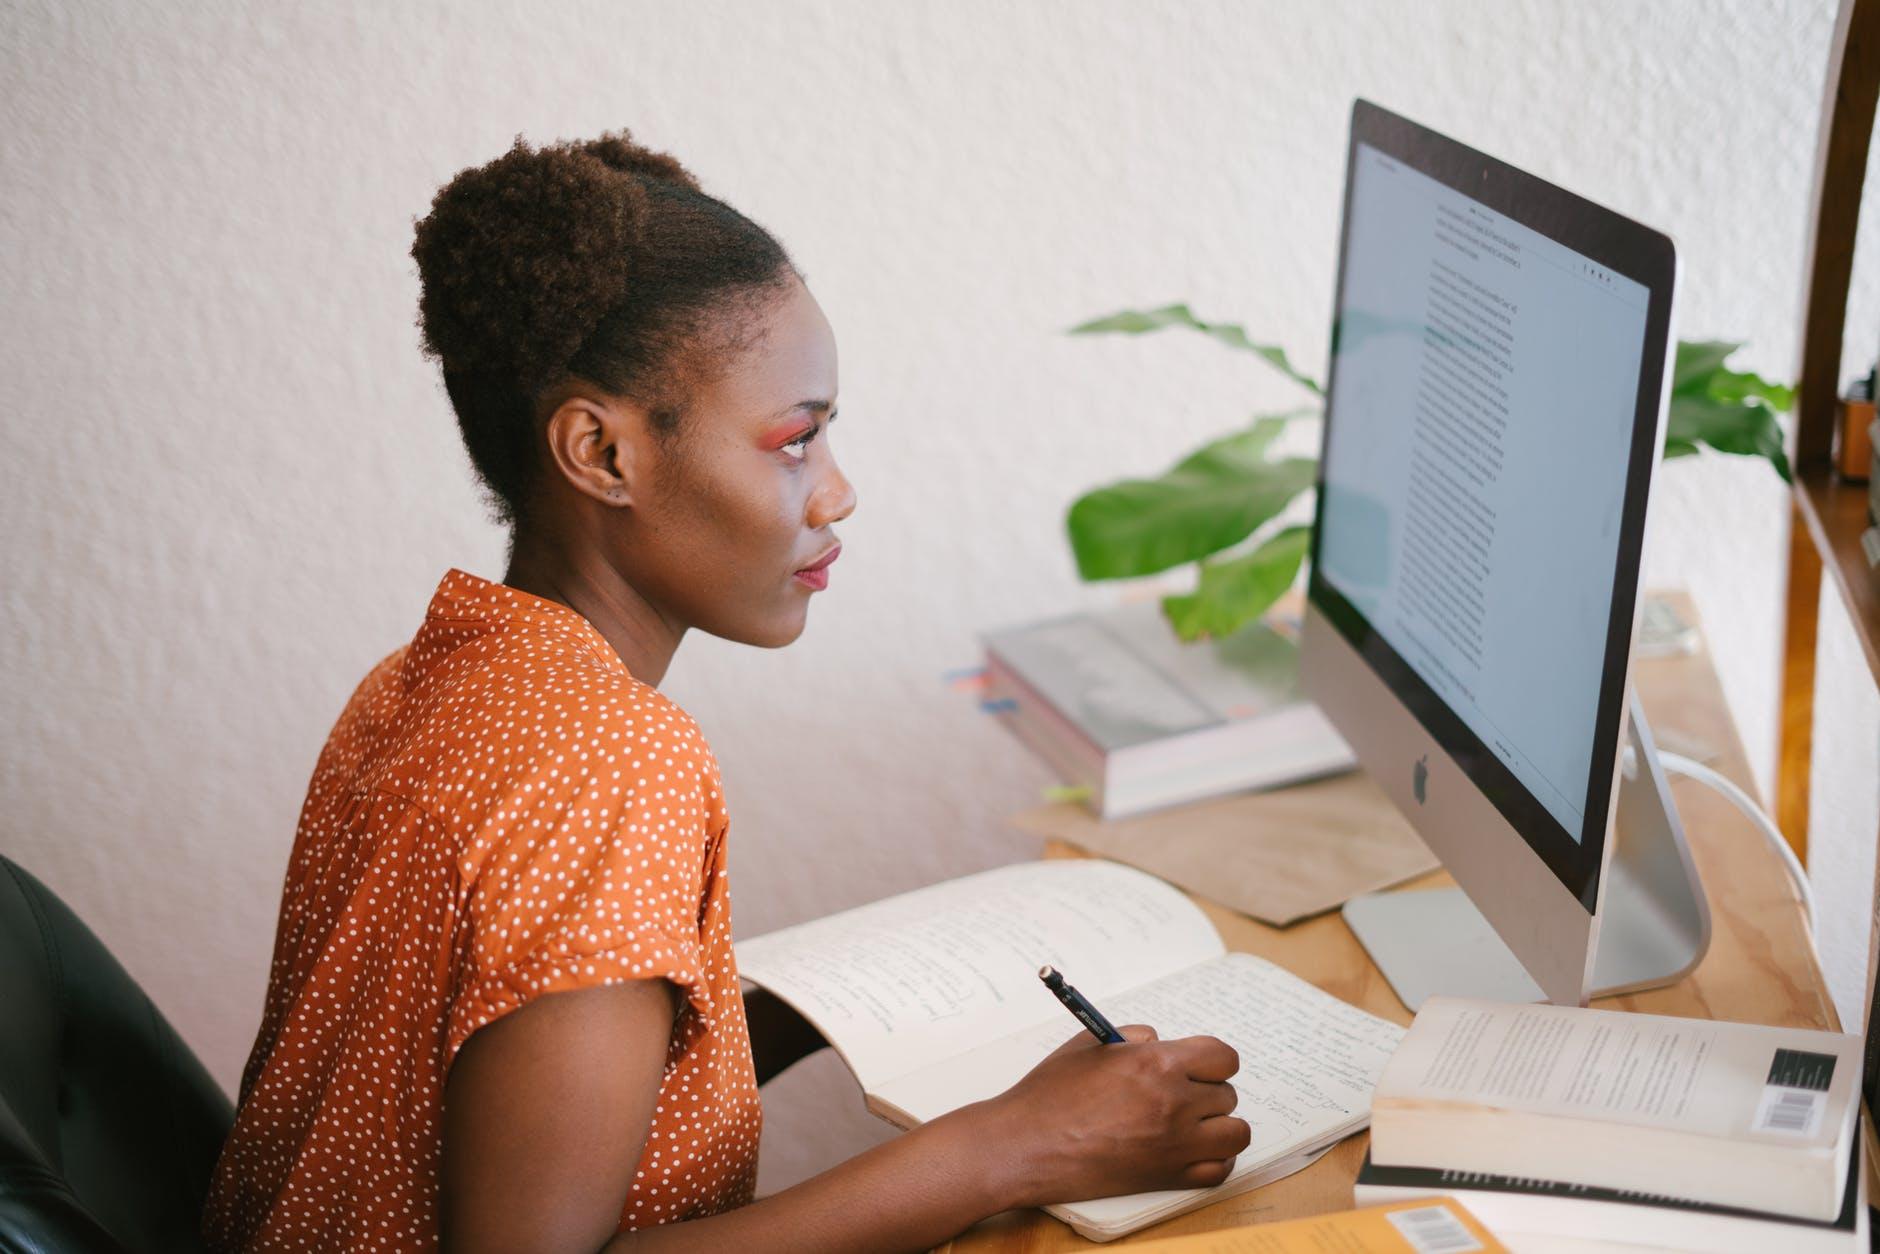 mulher jovem observando computador enquanto faz anotações